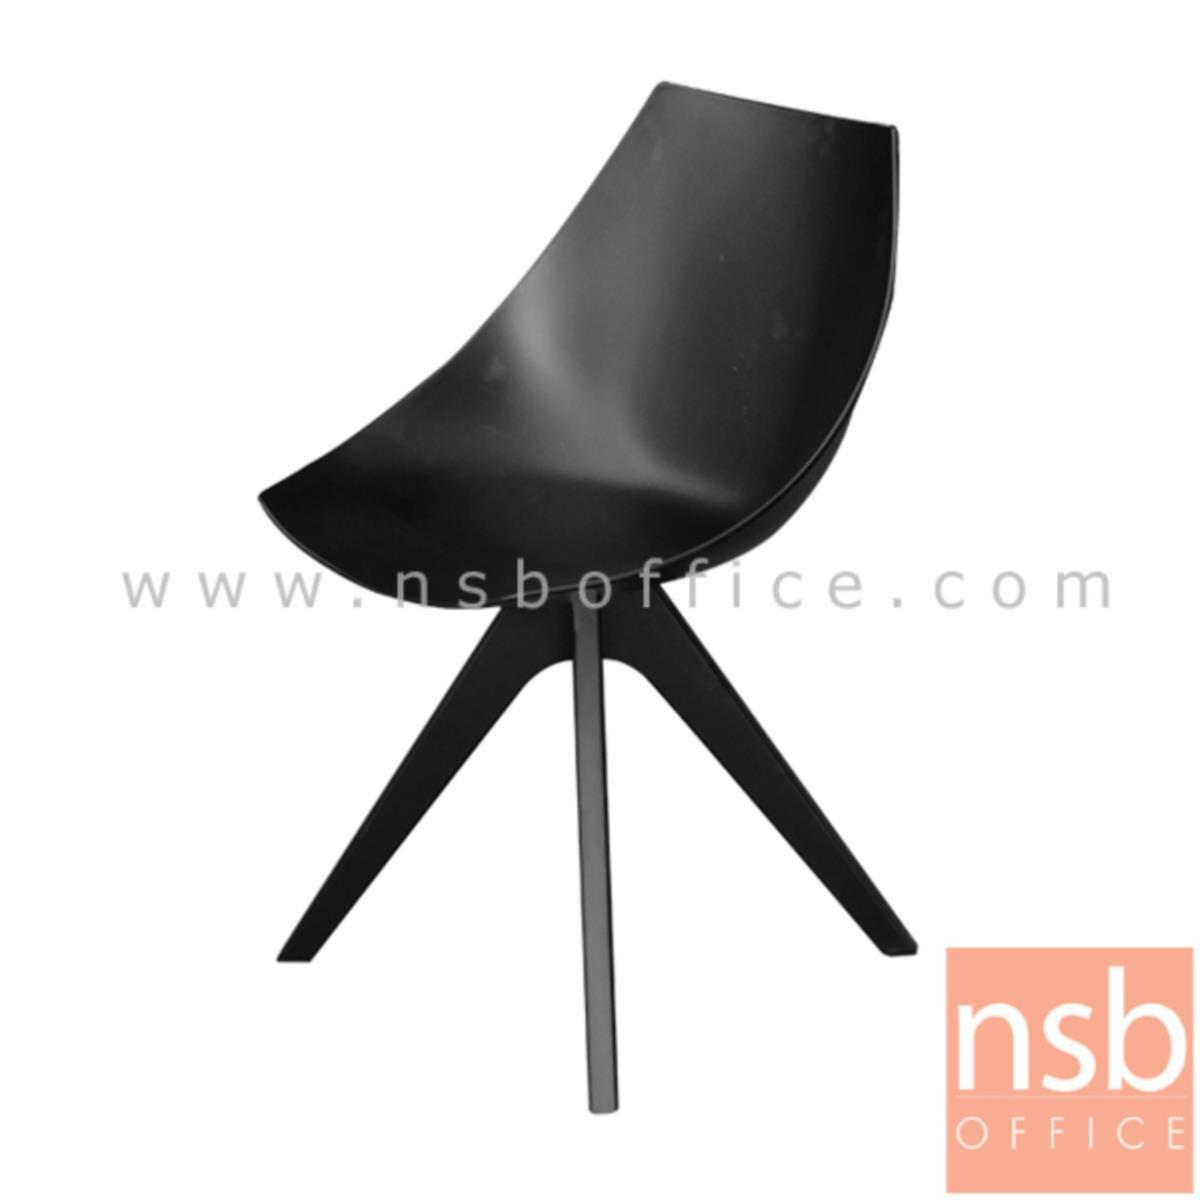 เก้าอี้โมเดิร์นโพลี่ รุ่น PN92167 ขนาด 50W cm. โครงขาไม้